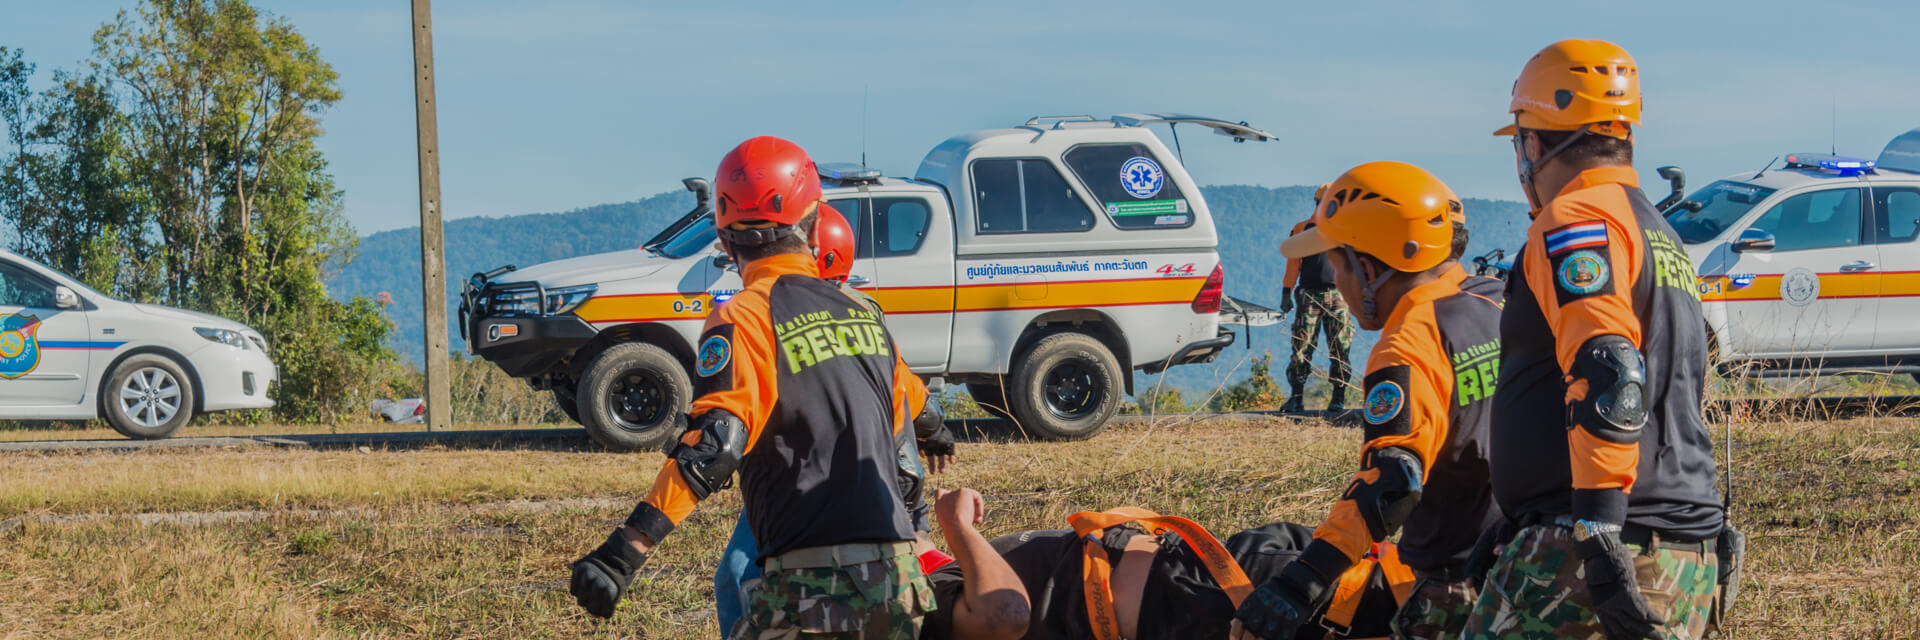 Чрезвычайные ситуации Определяйте местоположение пропавших людей и тактически реагируйте в чрезвычайных ситуациях.